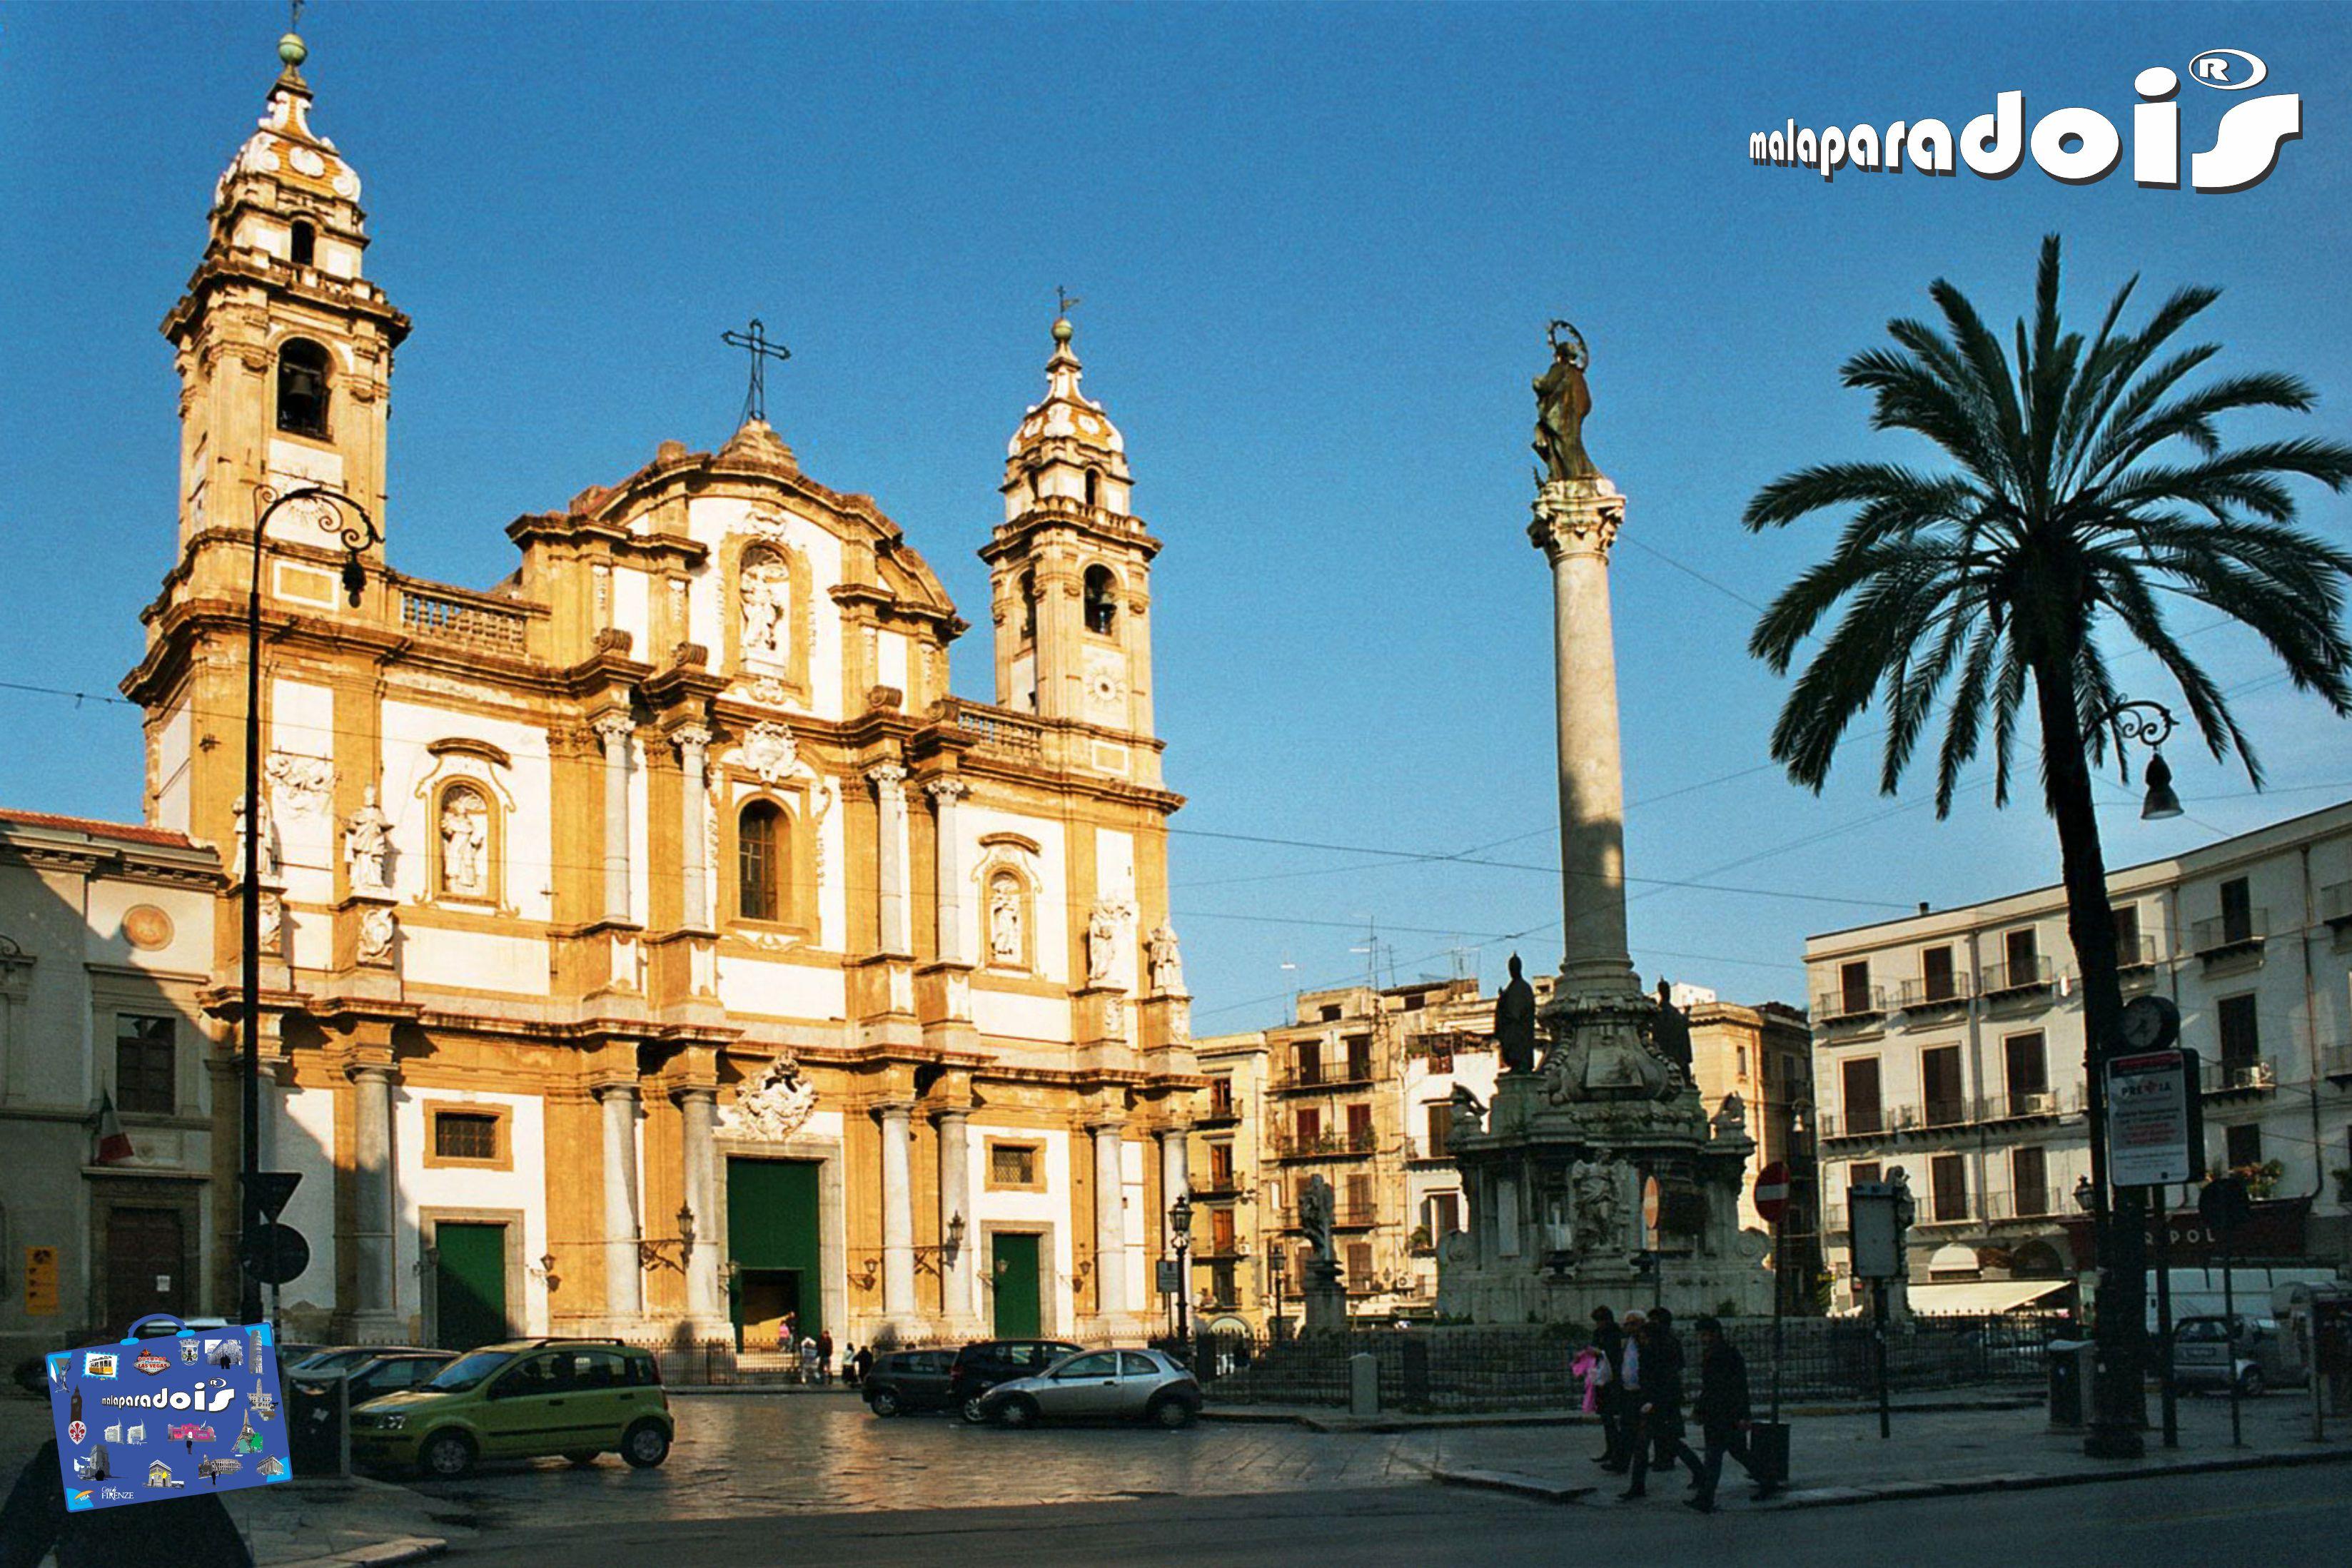 San Domenico di Palermo